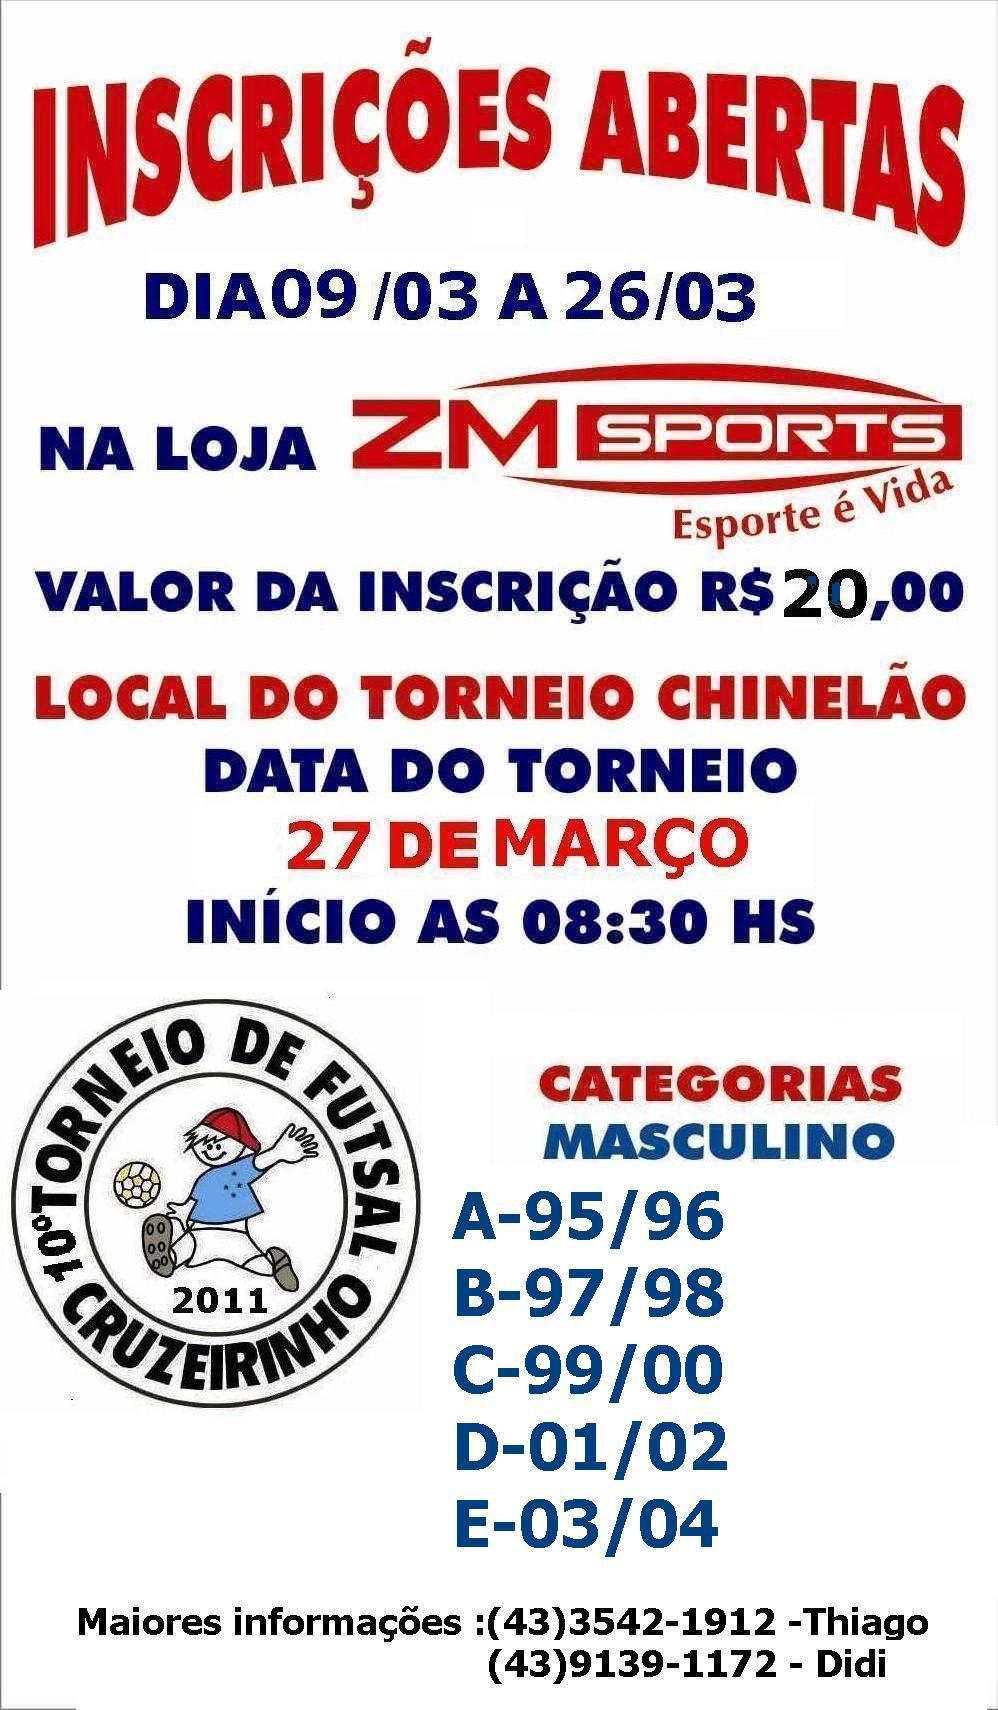 banner_cruzeirinho_21.jpg